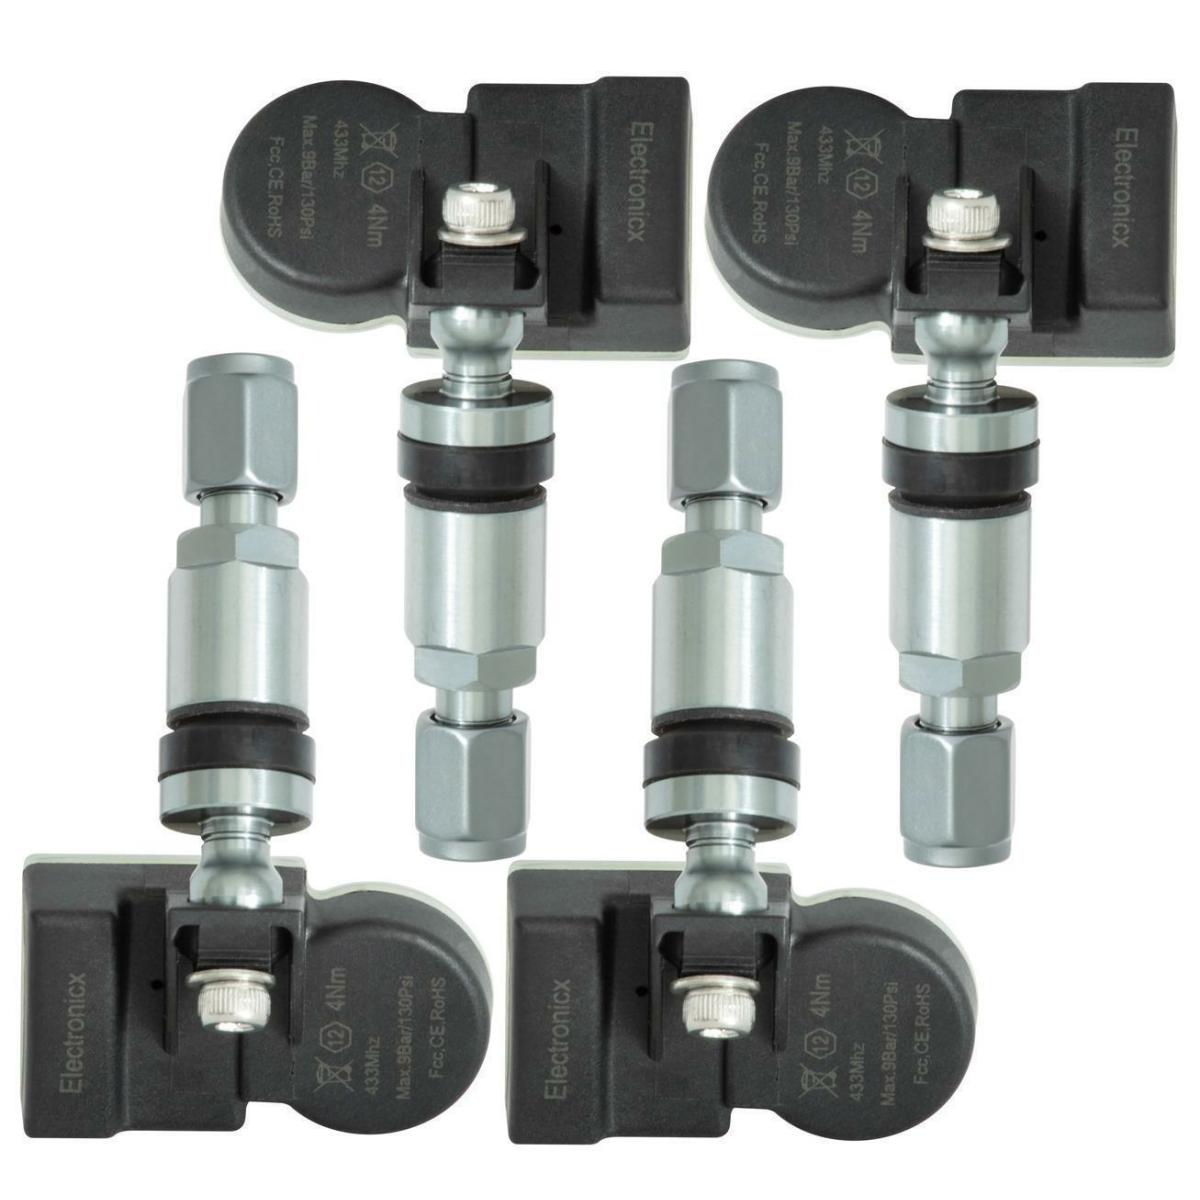 Reifendrucksensoren RDKS Sensoren Metallventil Gunmetal für Baojun 310 510 610 730 Wuling S3